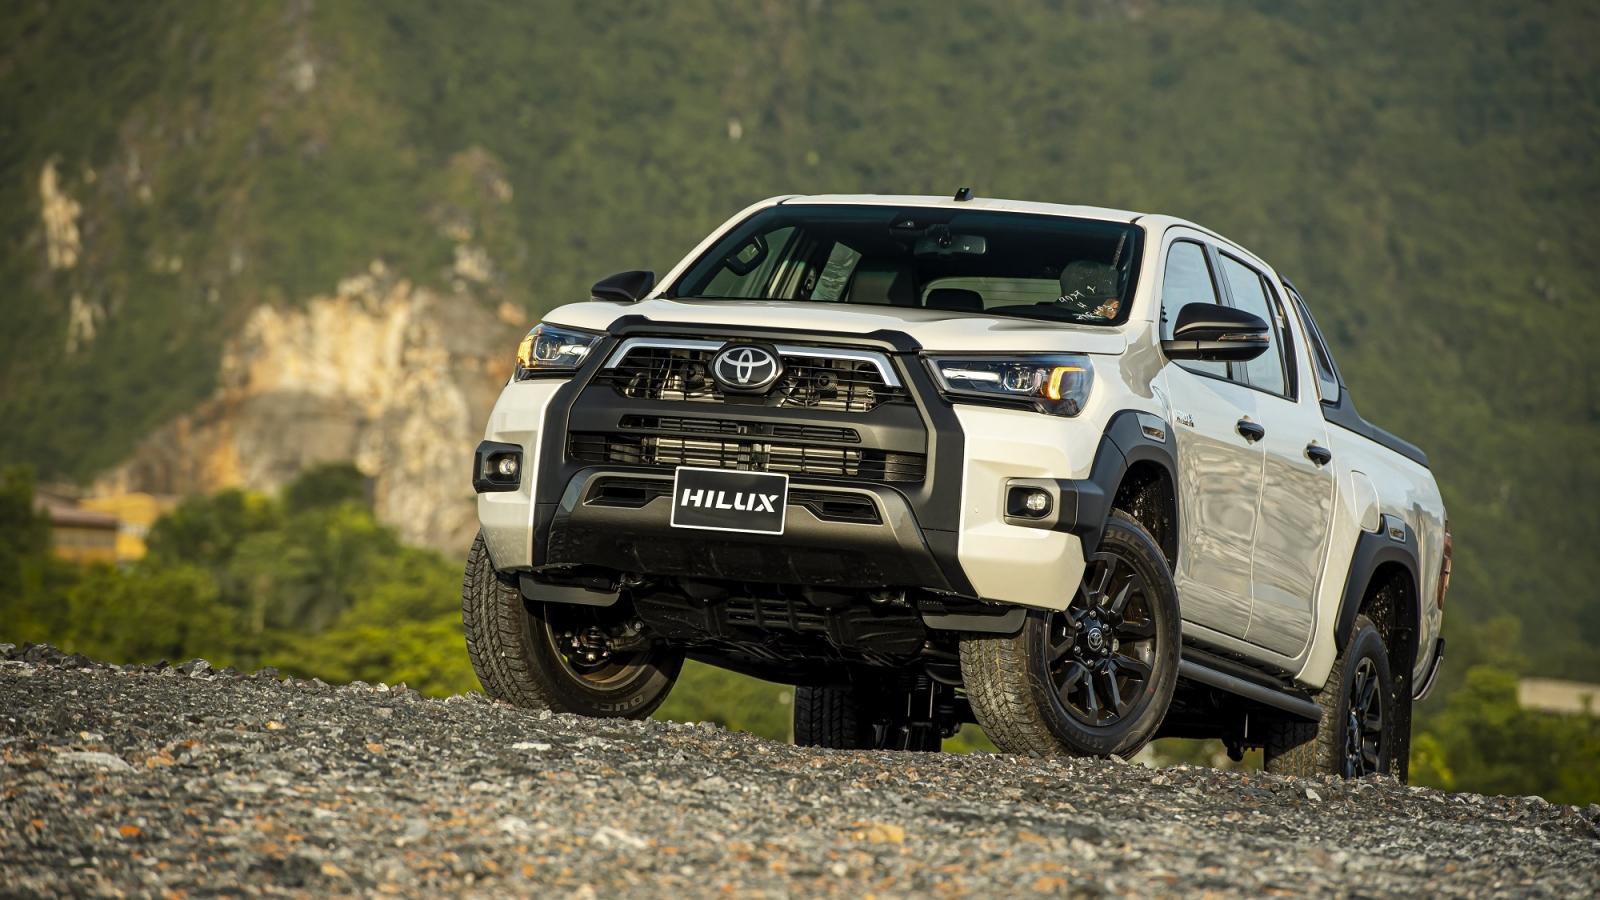 Khám phá những trang bị mới trên Toyota Hilux 2020